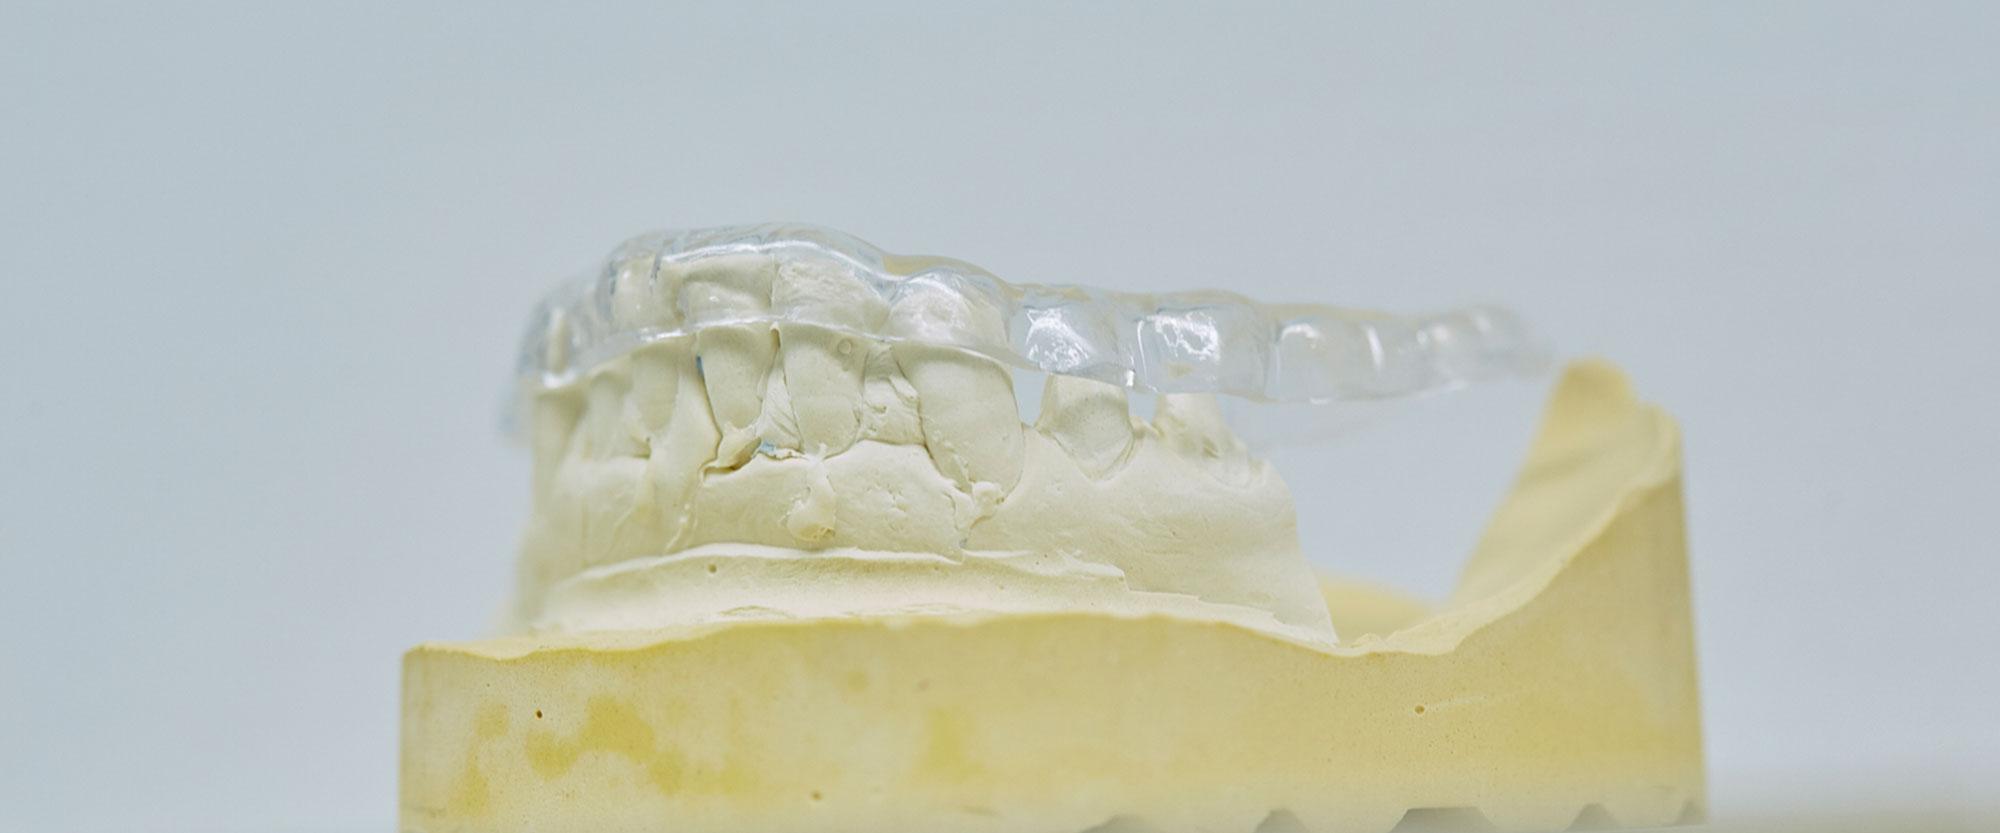 Modell einer nahezu unsichtbaren Zahnschiene